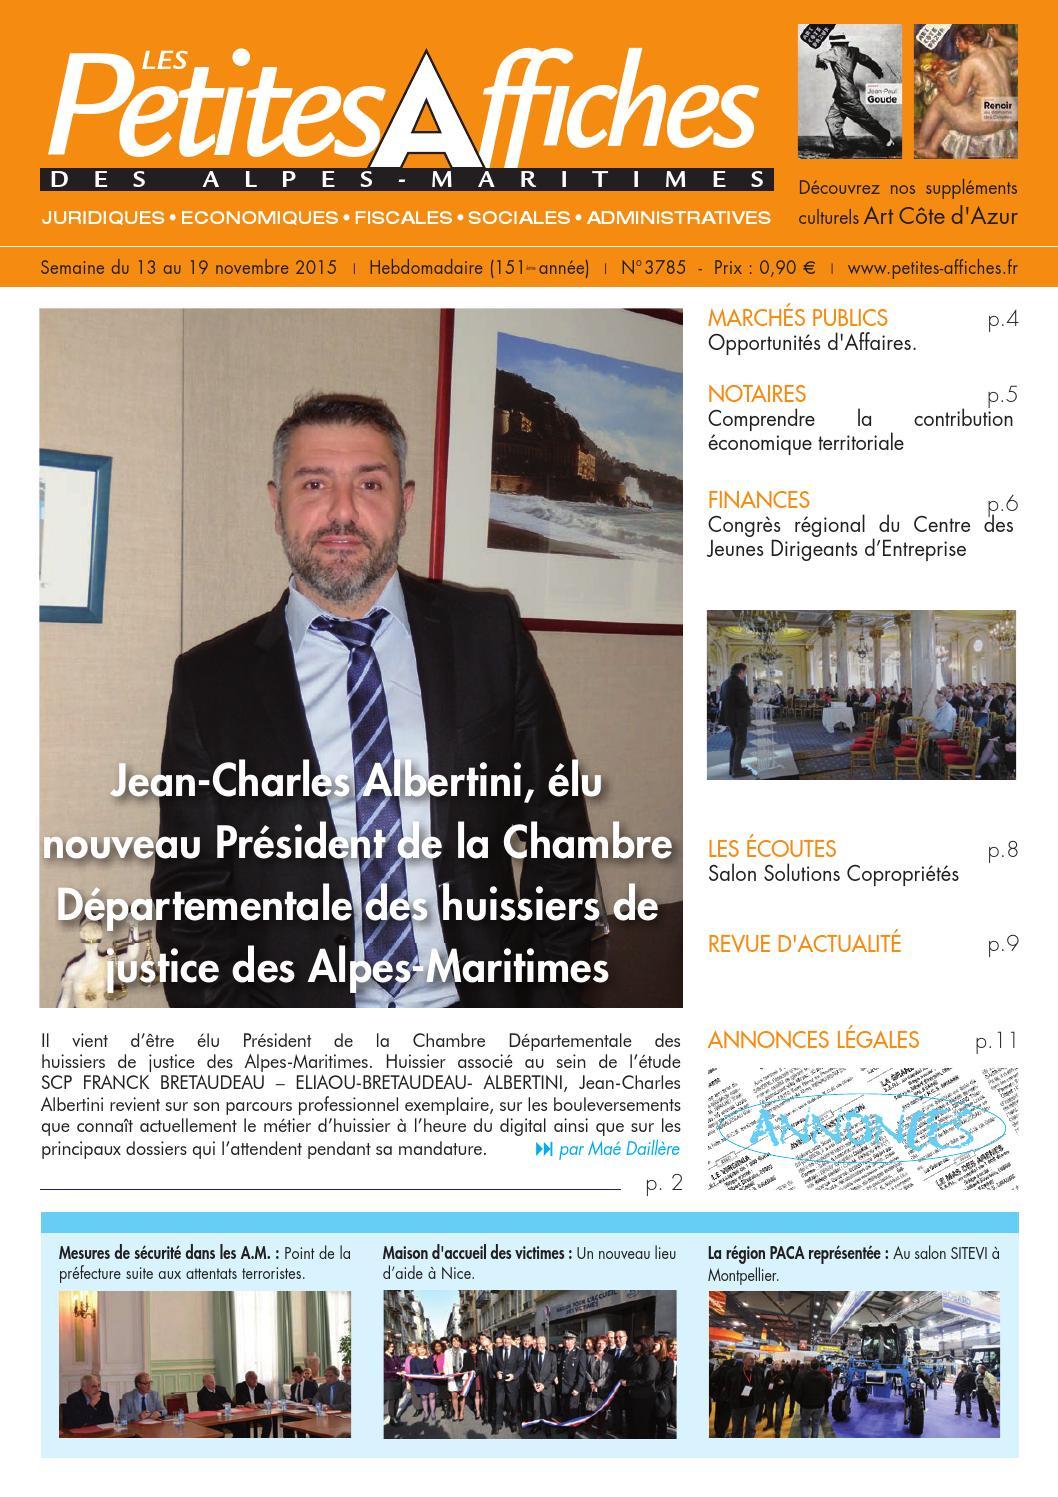 Les petites affiches des alpes maritimes n 3785 du 13 au 19 novembre 2015 by les petites - Chambre des notaires alpes maritimes ...